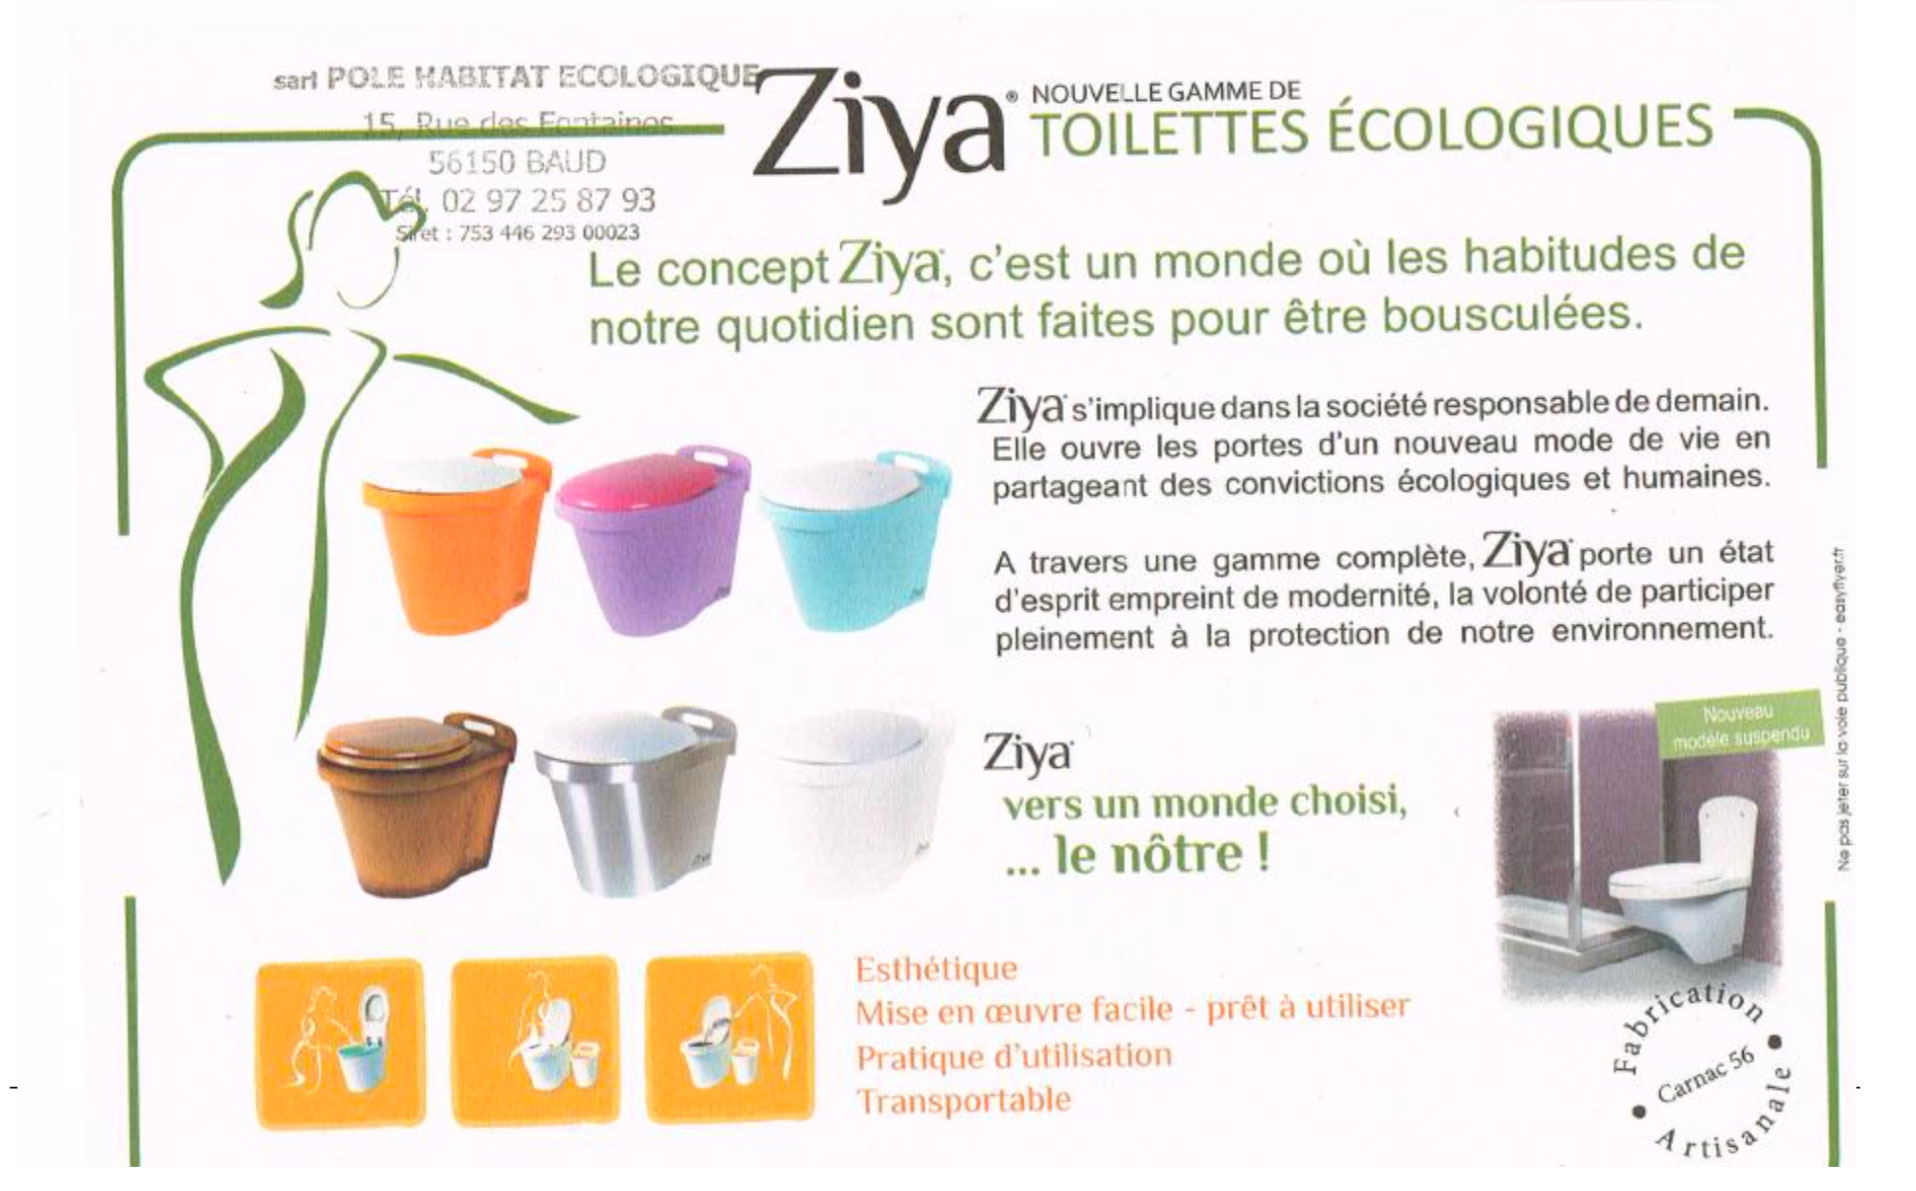 nouvelle-gamme-de-toilette-ecologique